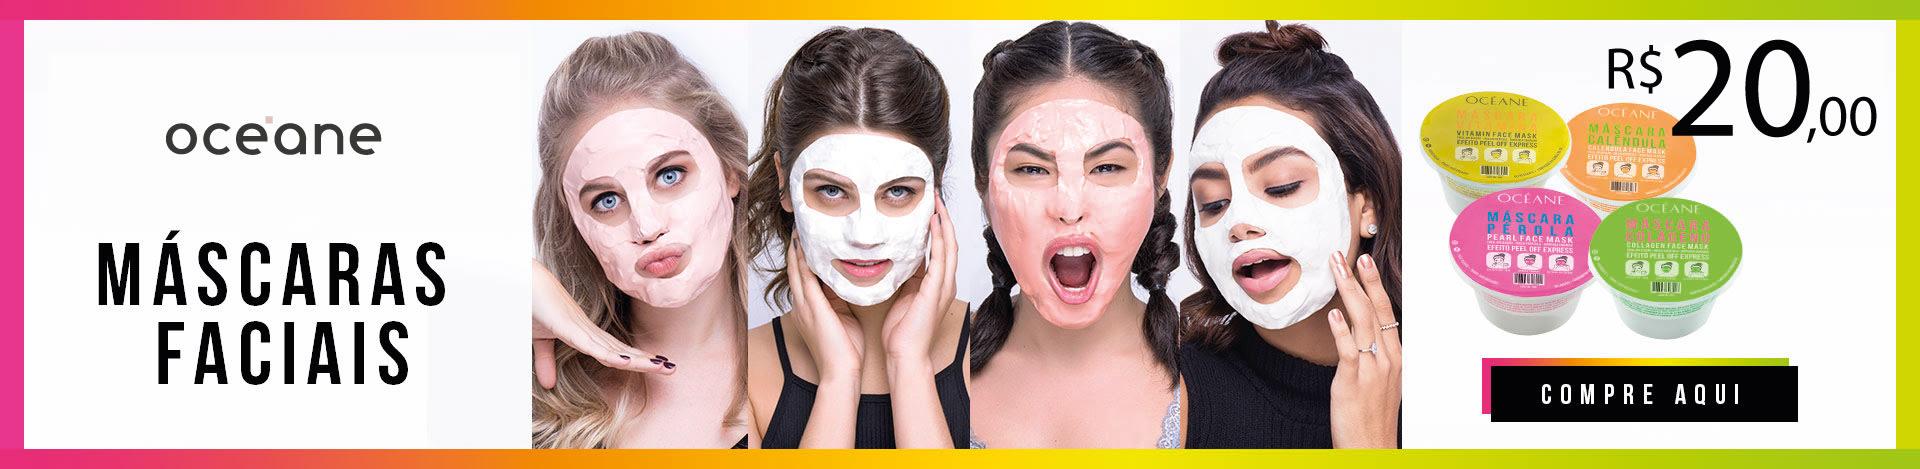 Máscaras Facias